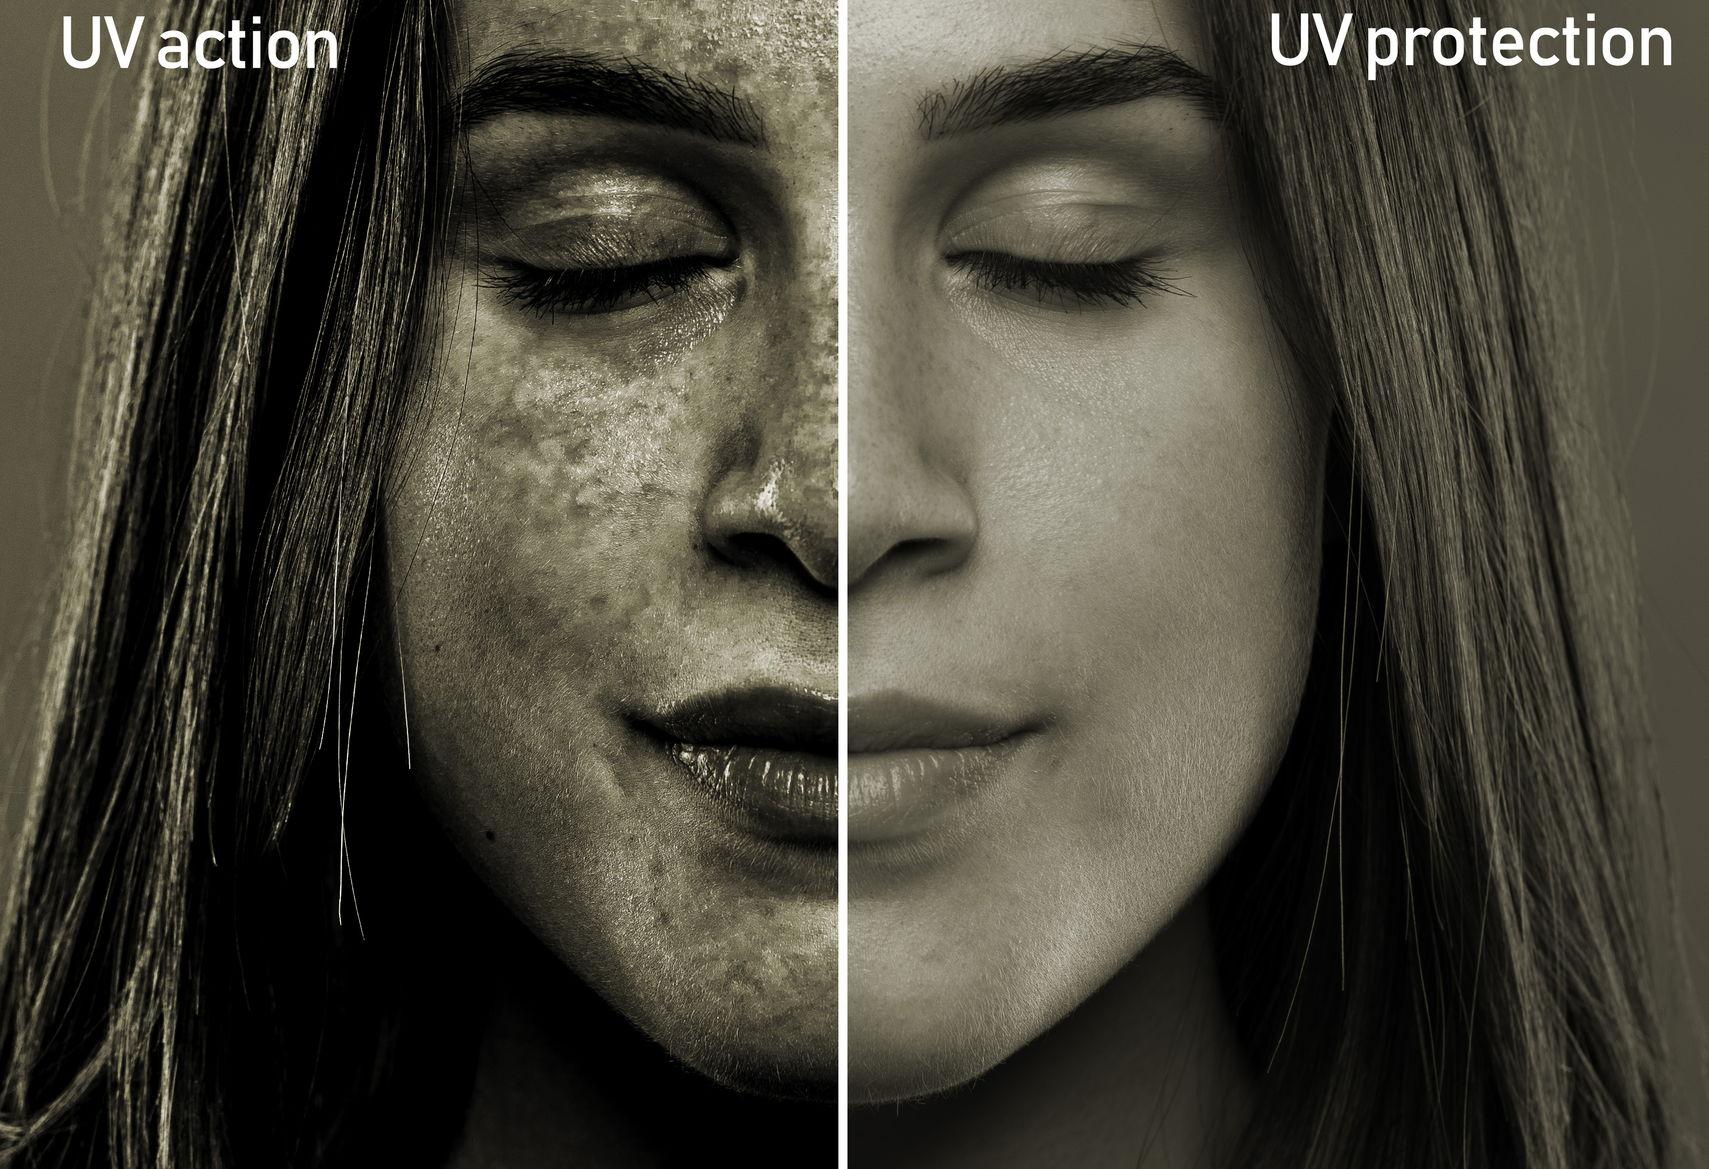 unngå hudkreft ved å benytte solkrem